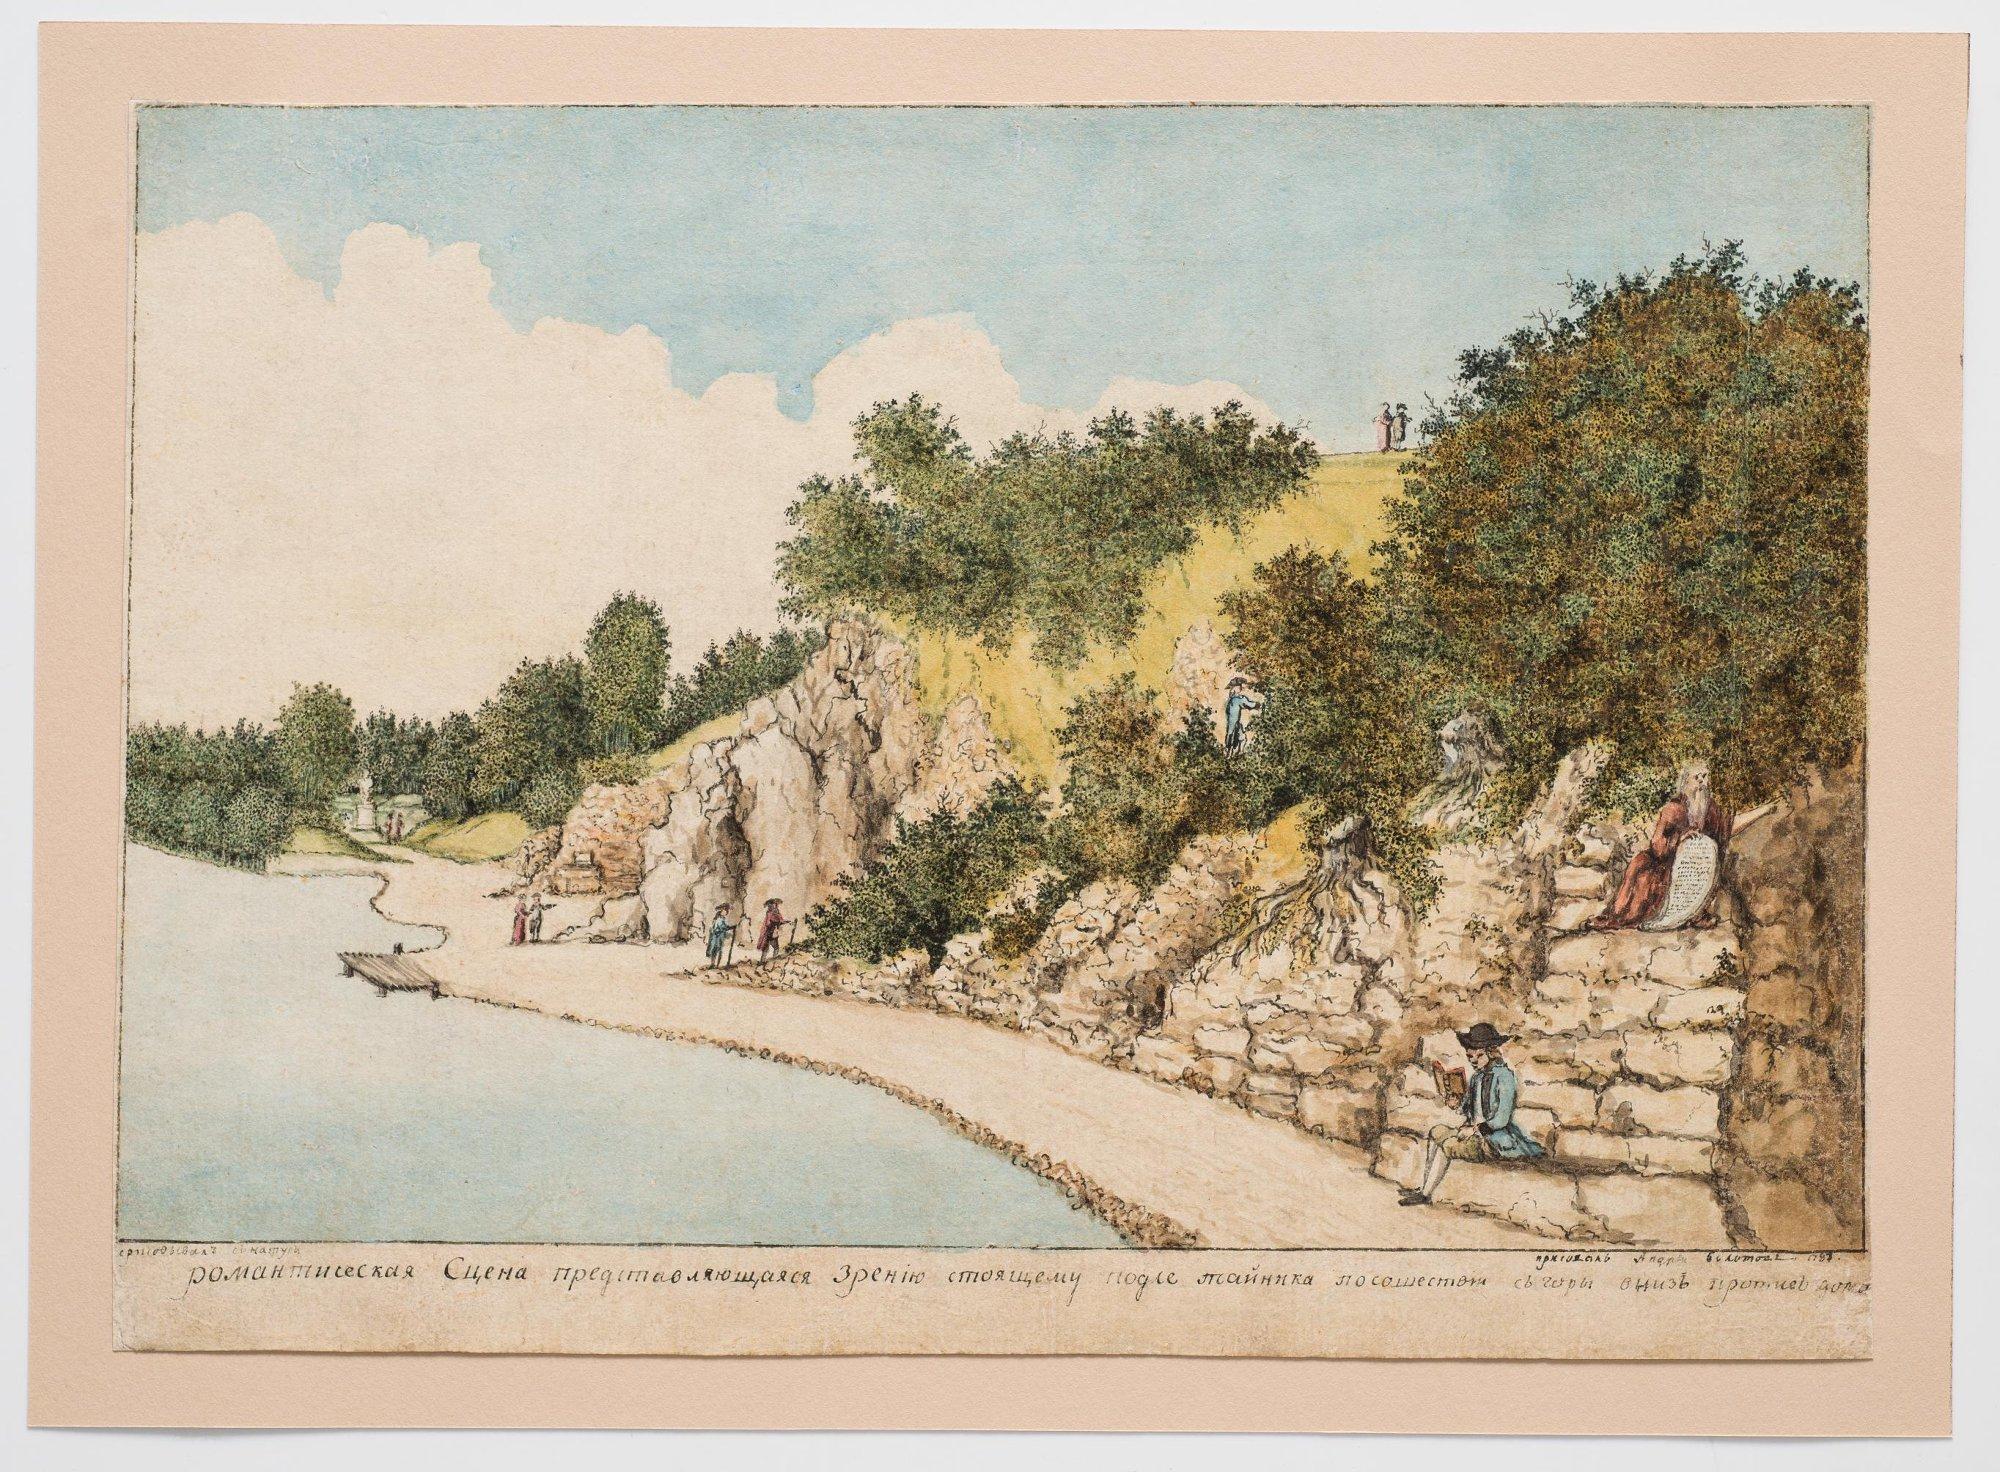 Вид на Большой пруд с горы в Богородицком парке (Романтическая сцена представляющаяся зрению стоящему подле тайника по сошествии с горы вниз против дома)